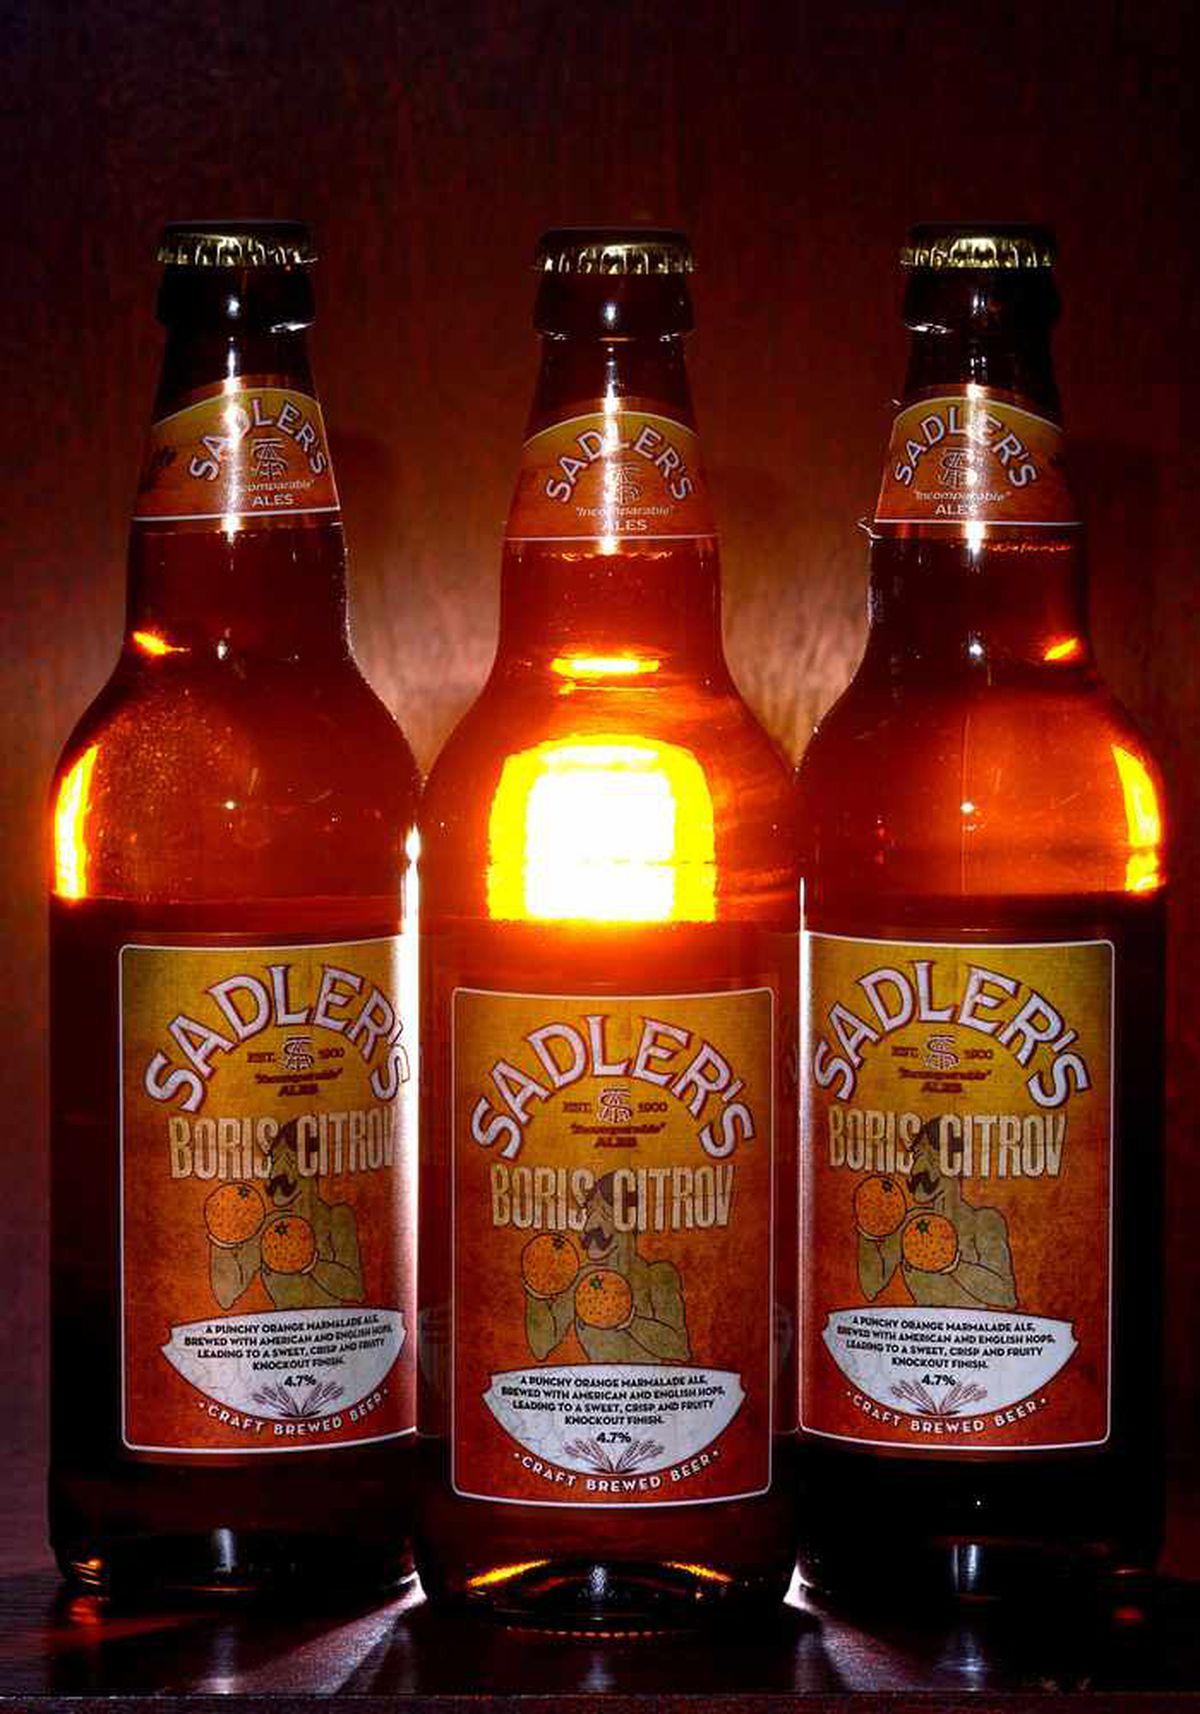 The 'Boris Citrov' ale